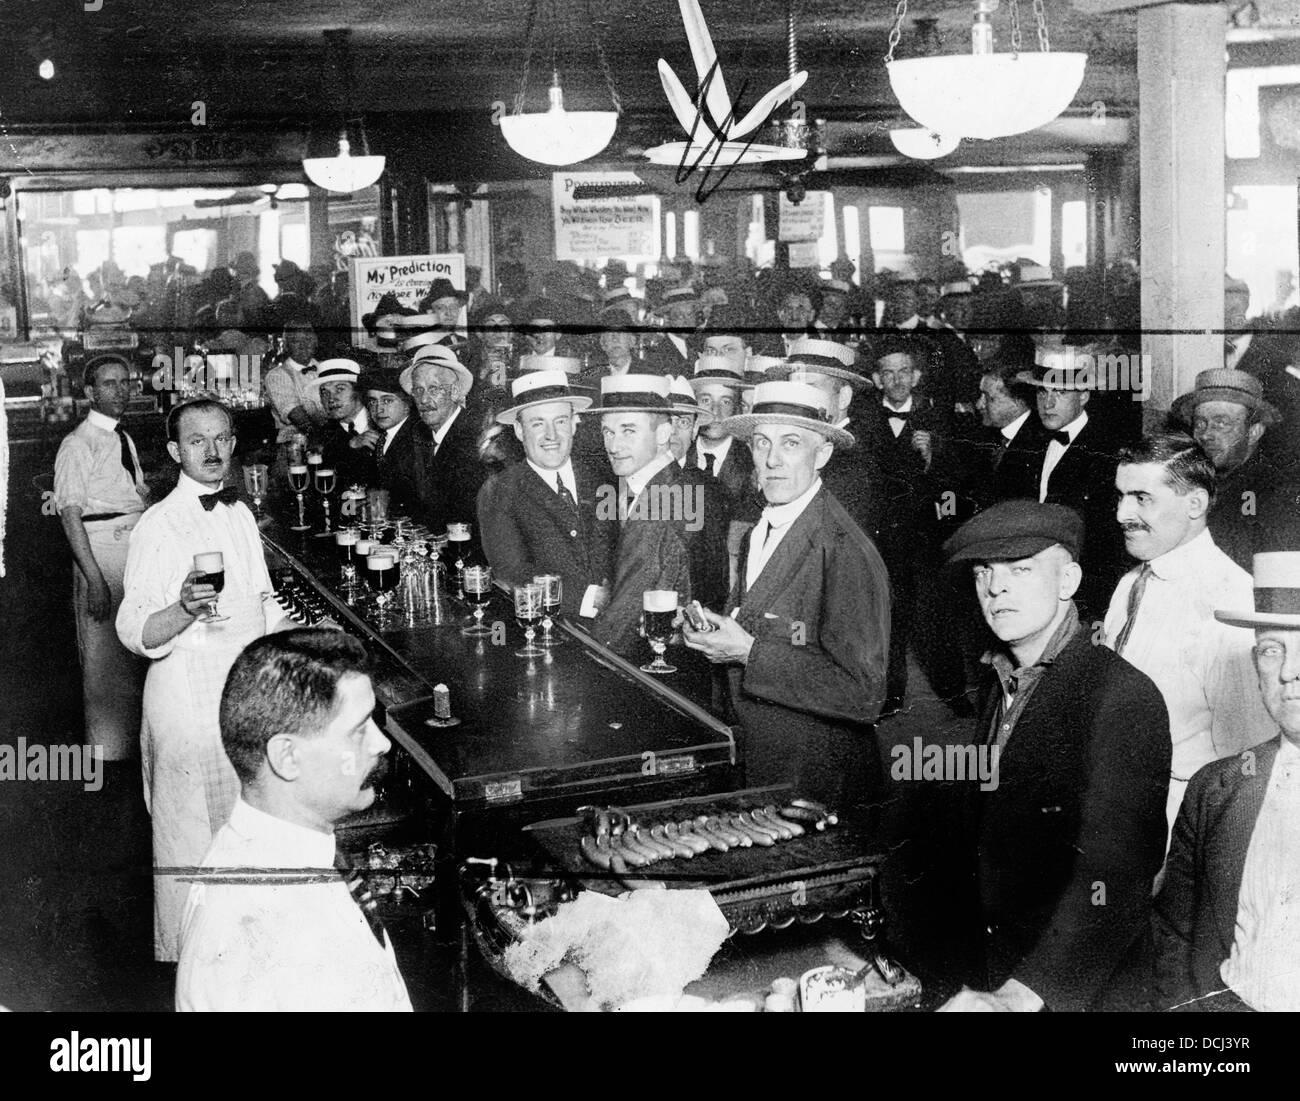 Innenansicht einer überfüllten bar kurz vor Mitternacht, 30. Juni 1919, als Verbot in New York City Effekt Stockbild